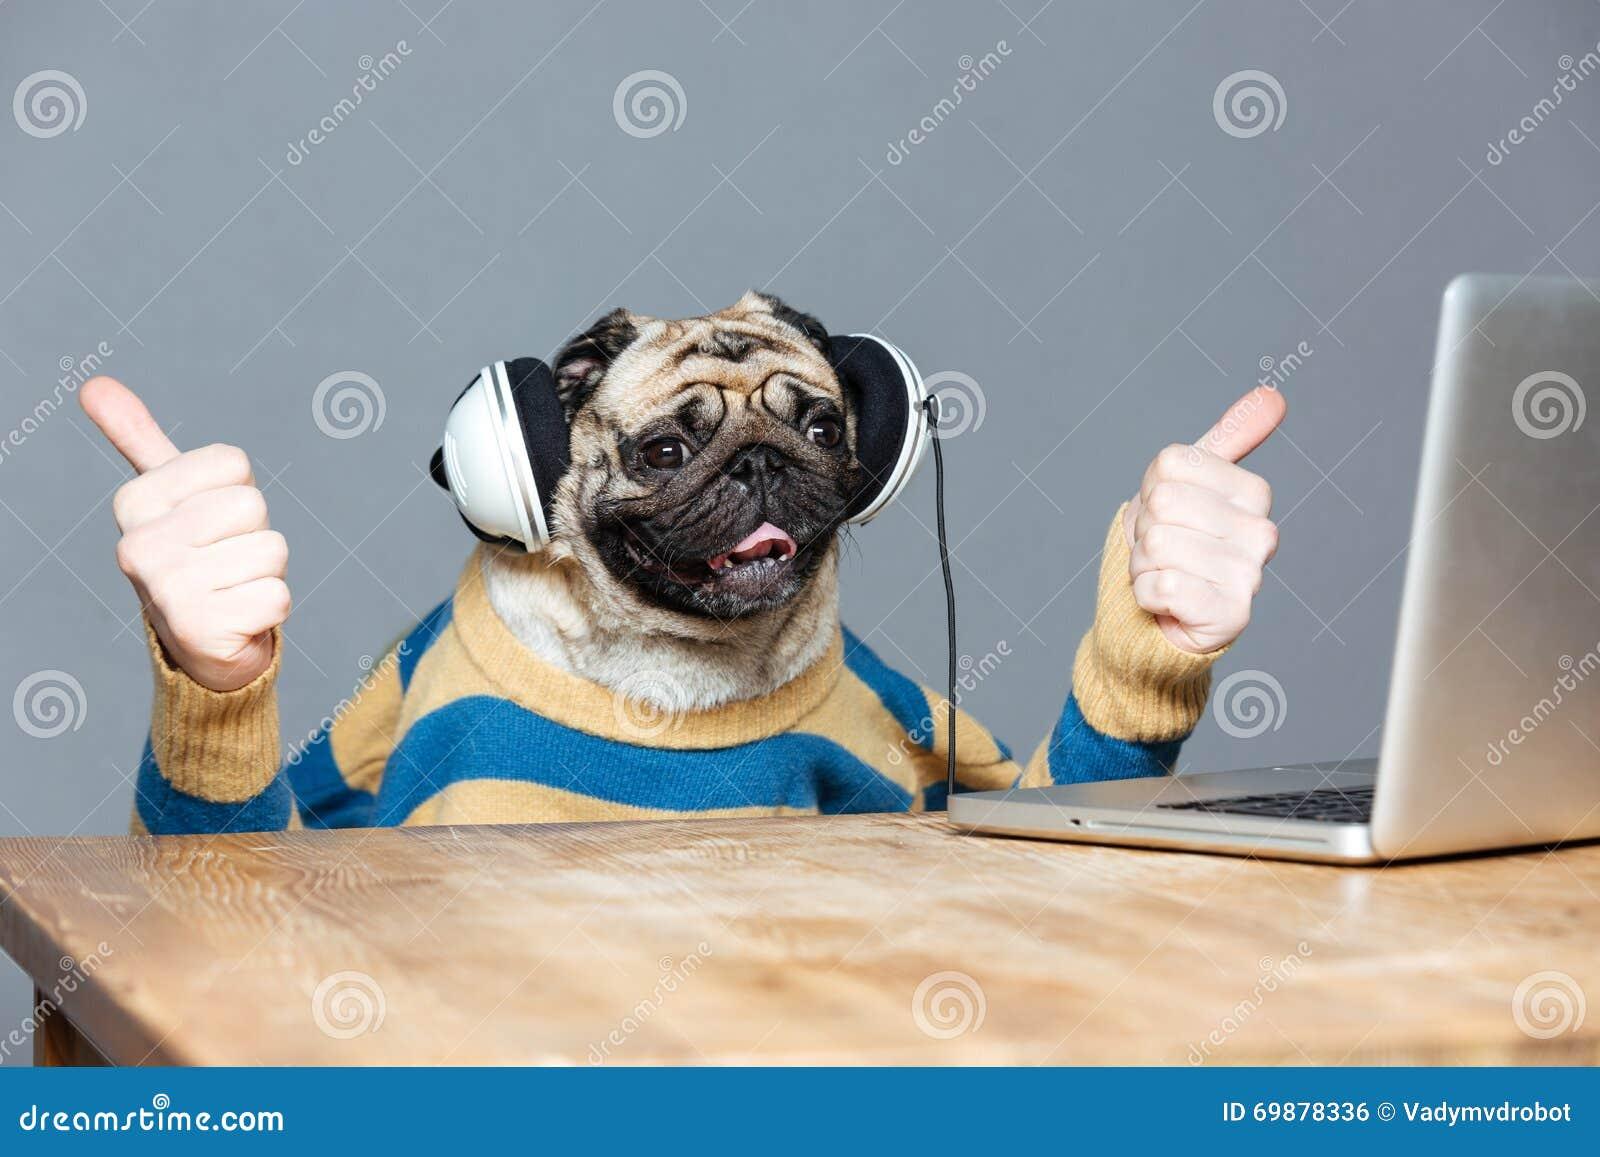 Perro del barro amasado con las manos del hombre en los auriculares que muestran los pulgares para arriba